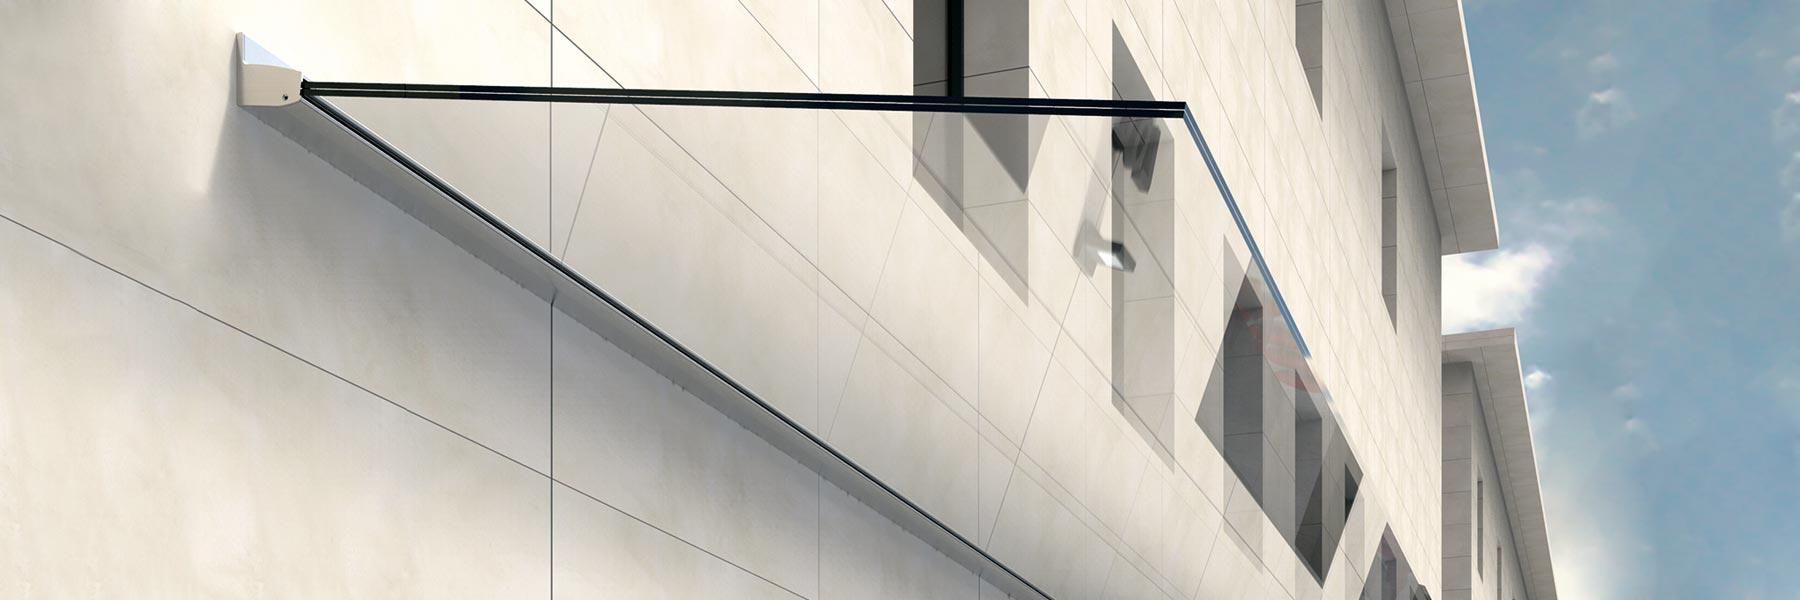 Slider Vordach Hauseingangsüberdachung Glasdach Fixpreis Kaufen Vordachaktion Eingangsüberdachung Glas